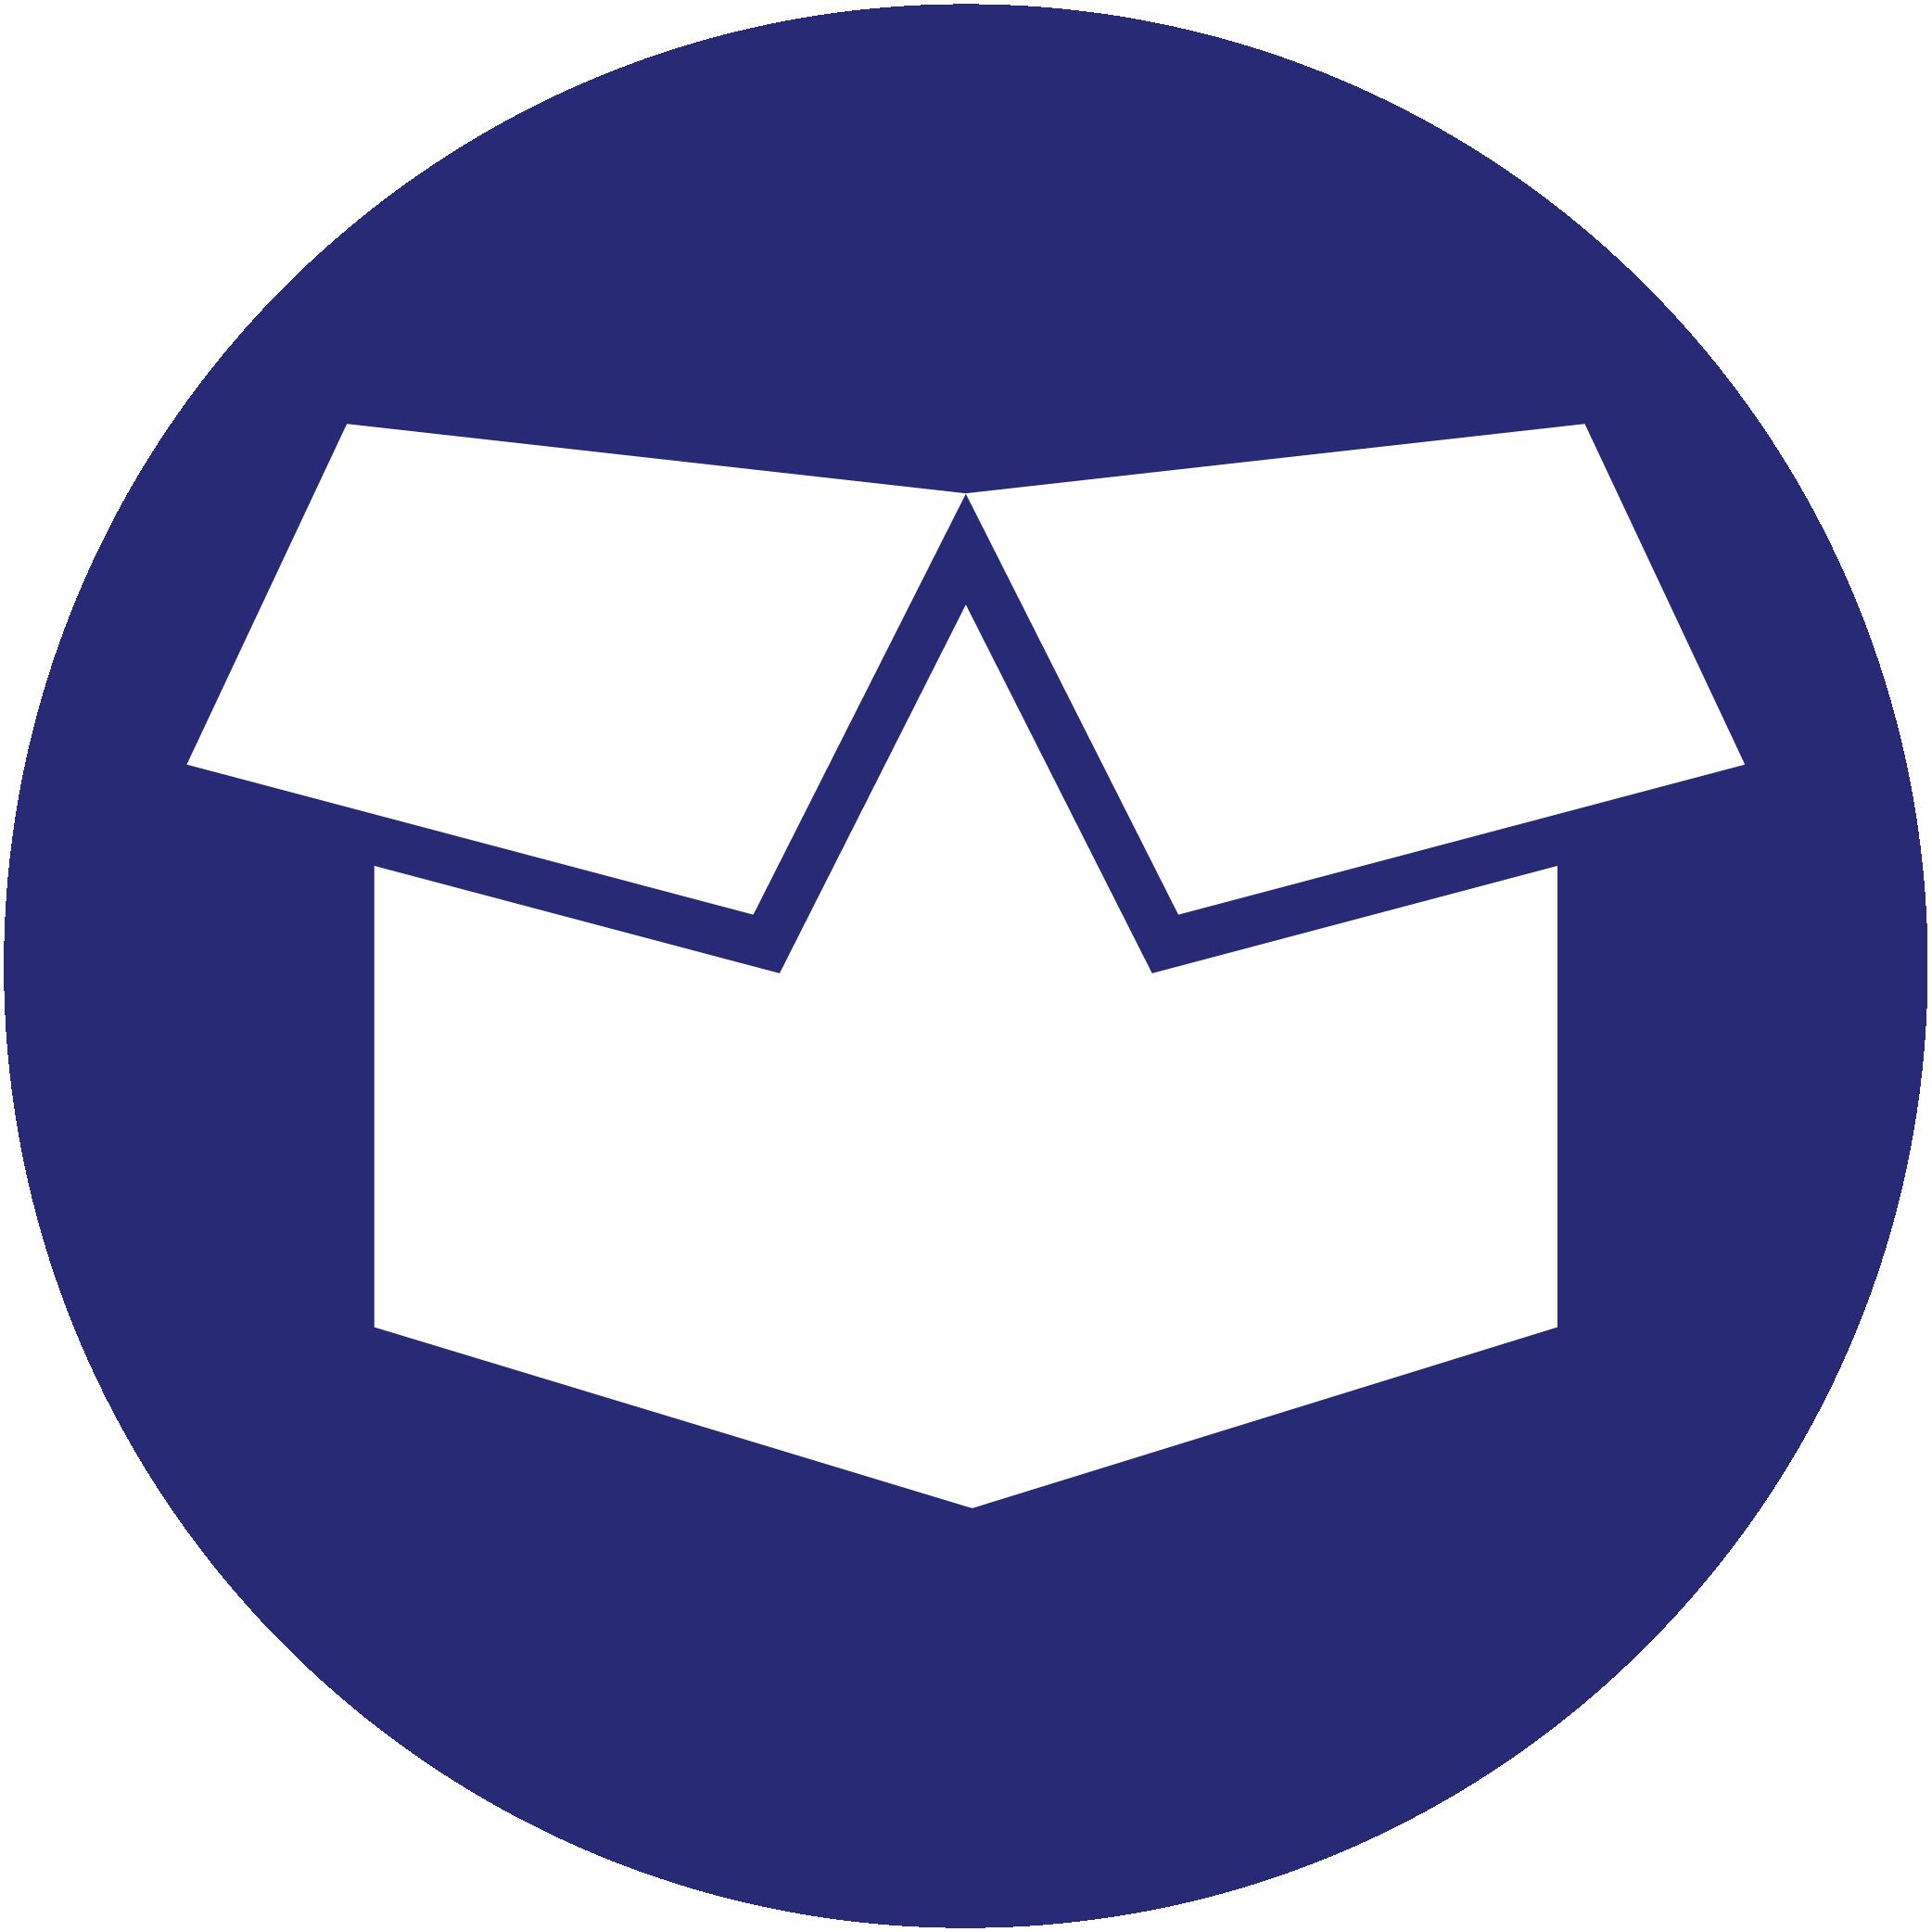 weetabix_sustainability-report_2020_Icons-02